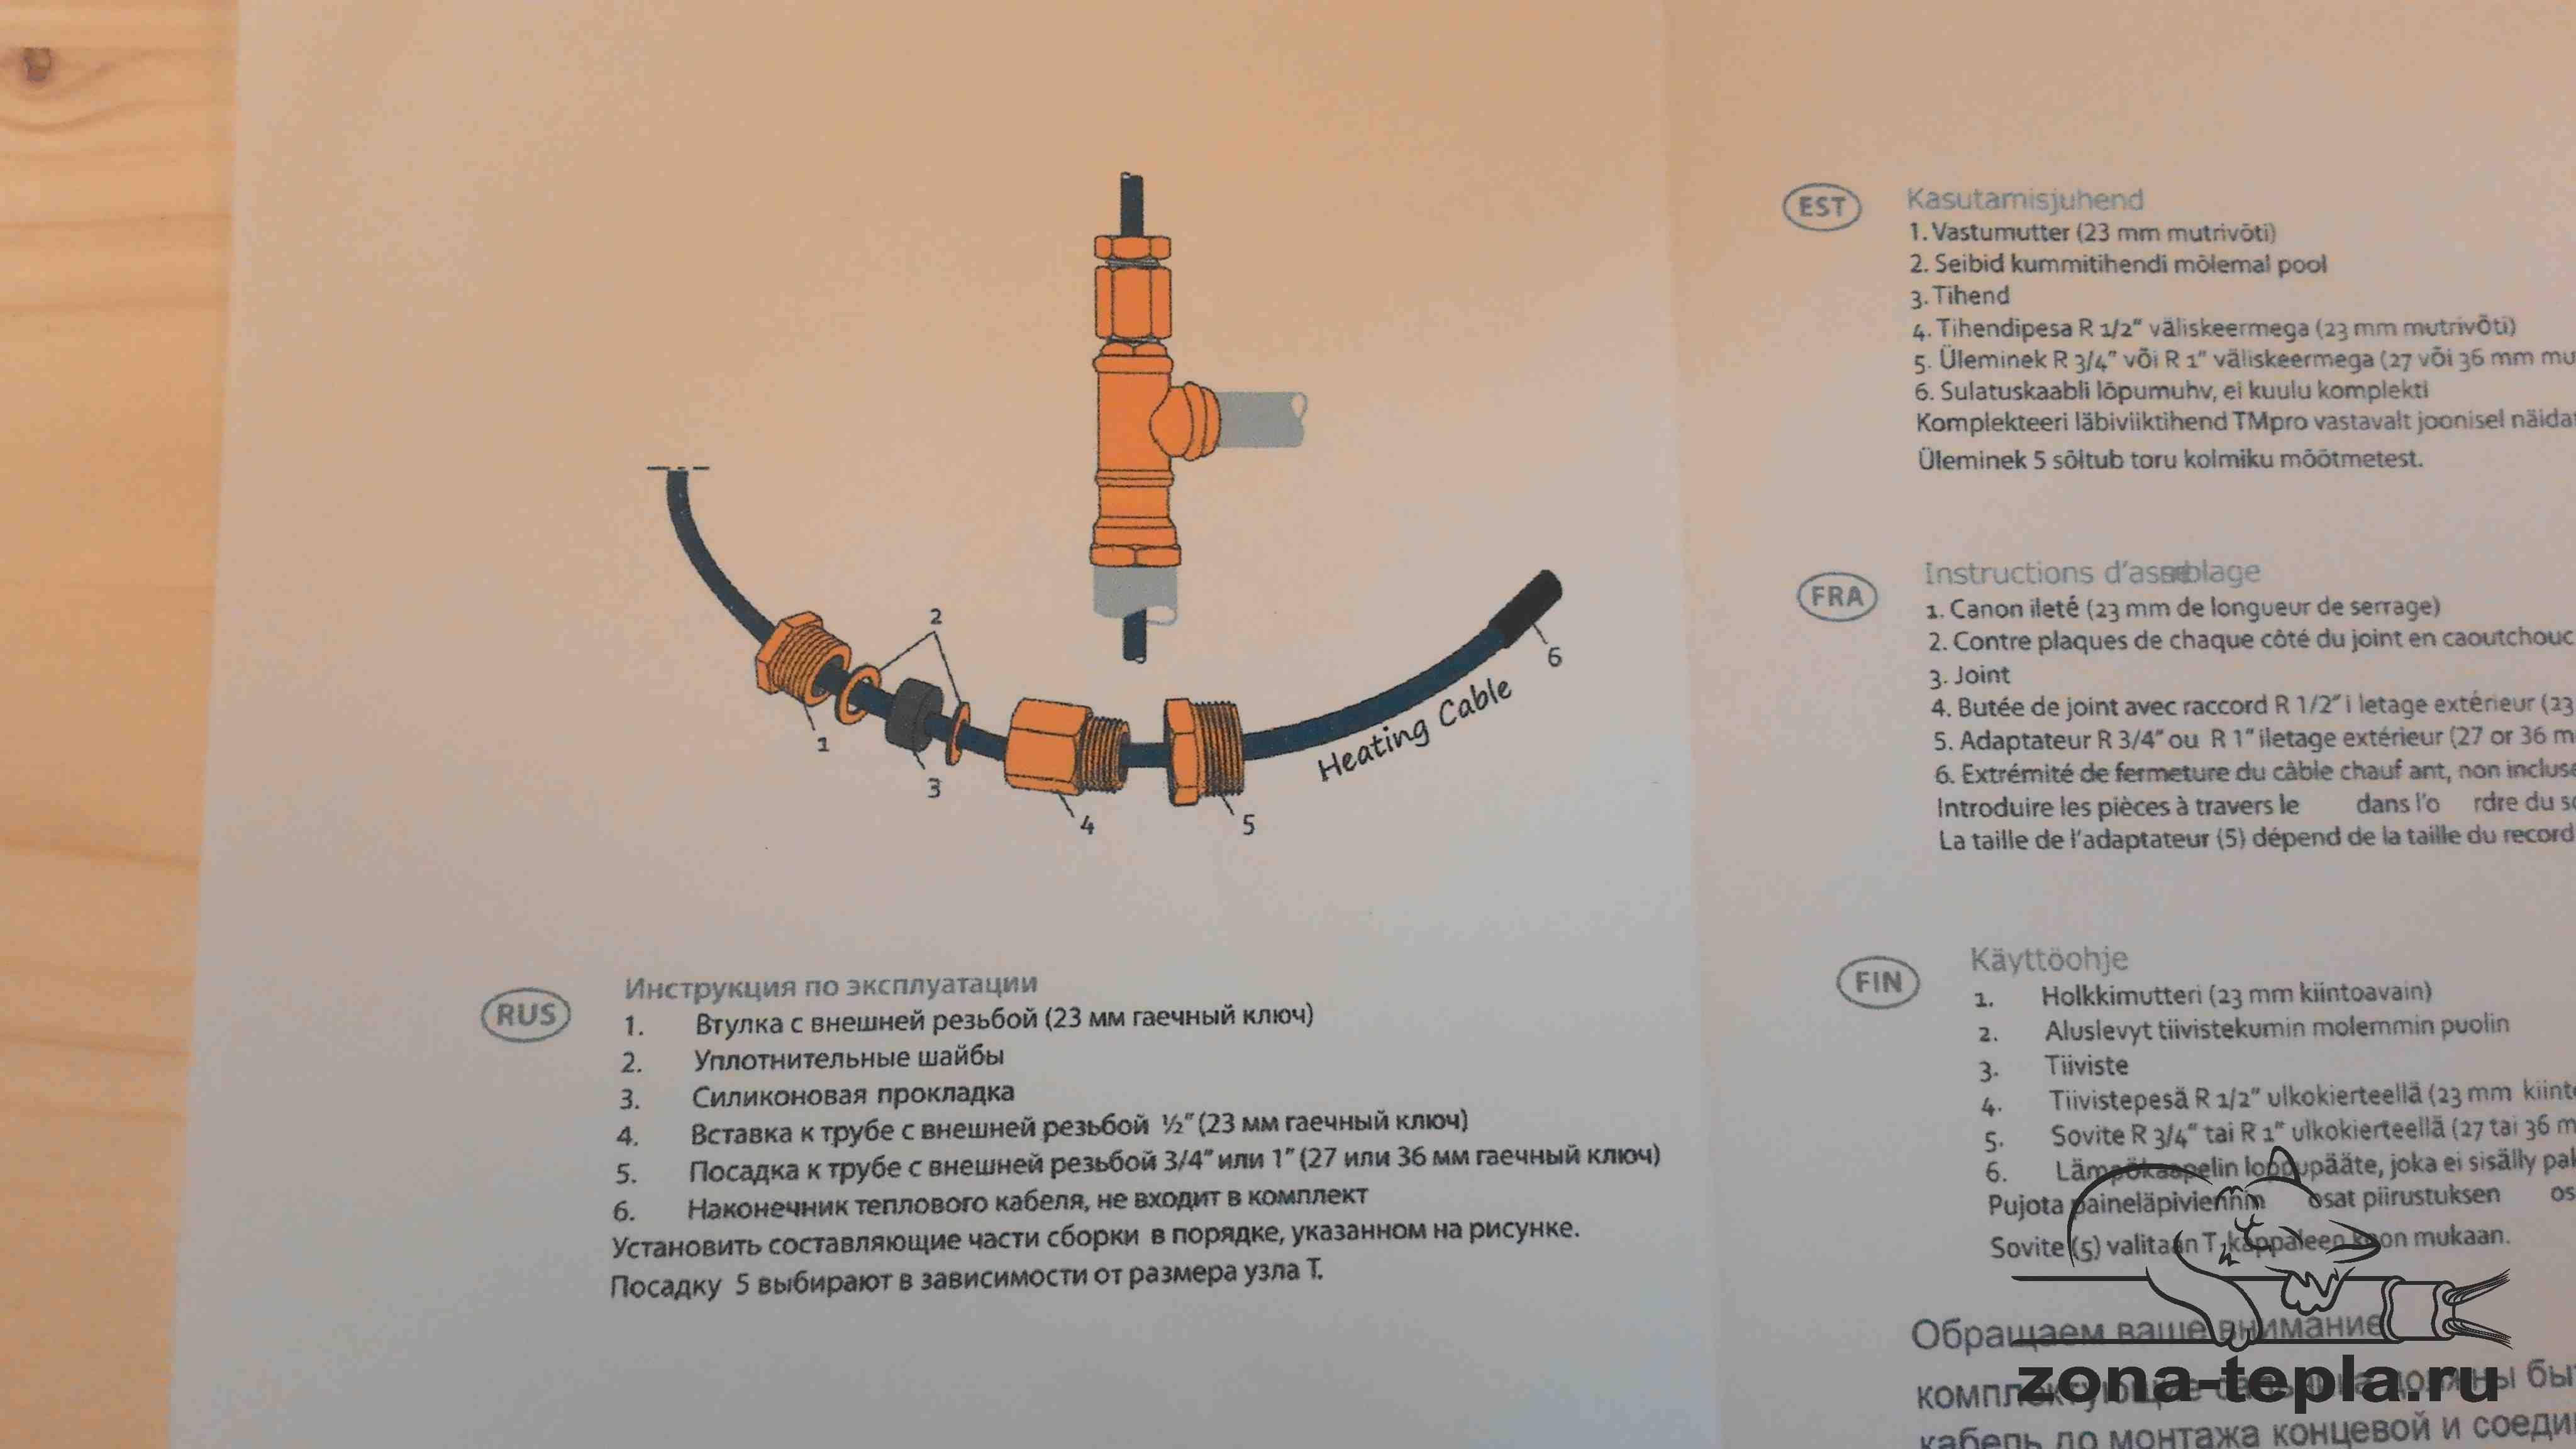 Сальник для ввода греющего кабеля в трубу-схема сбора и ввода